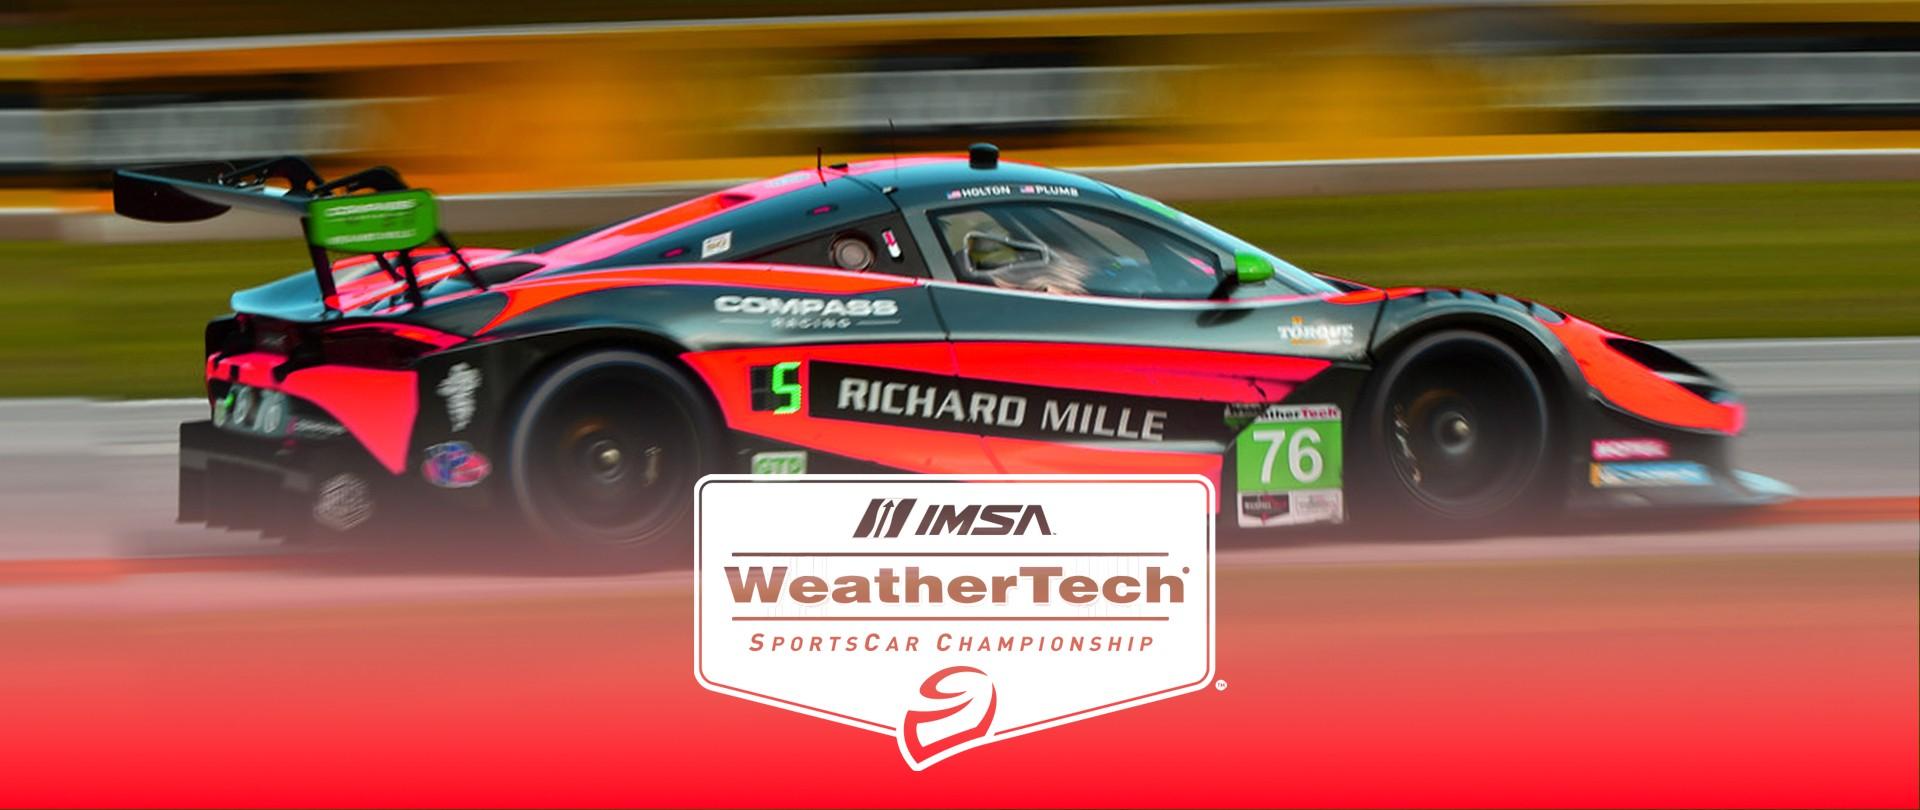 IMSA WeatherTech SportsCar Championship